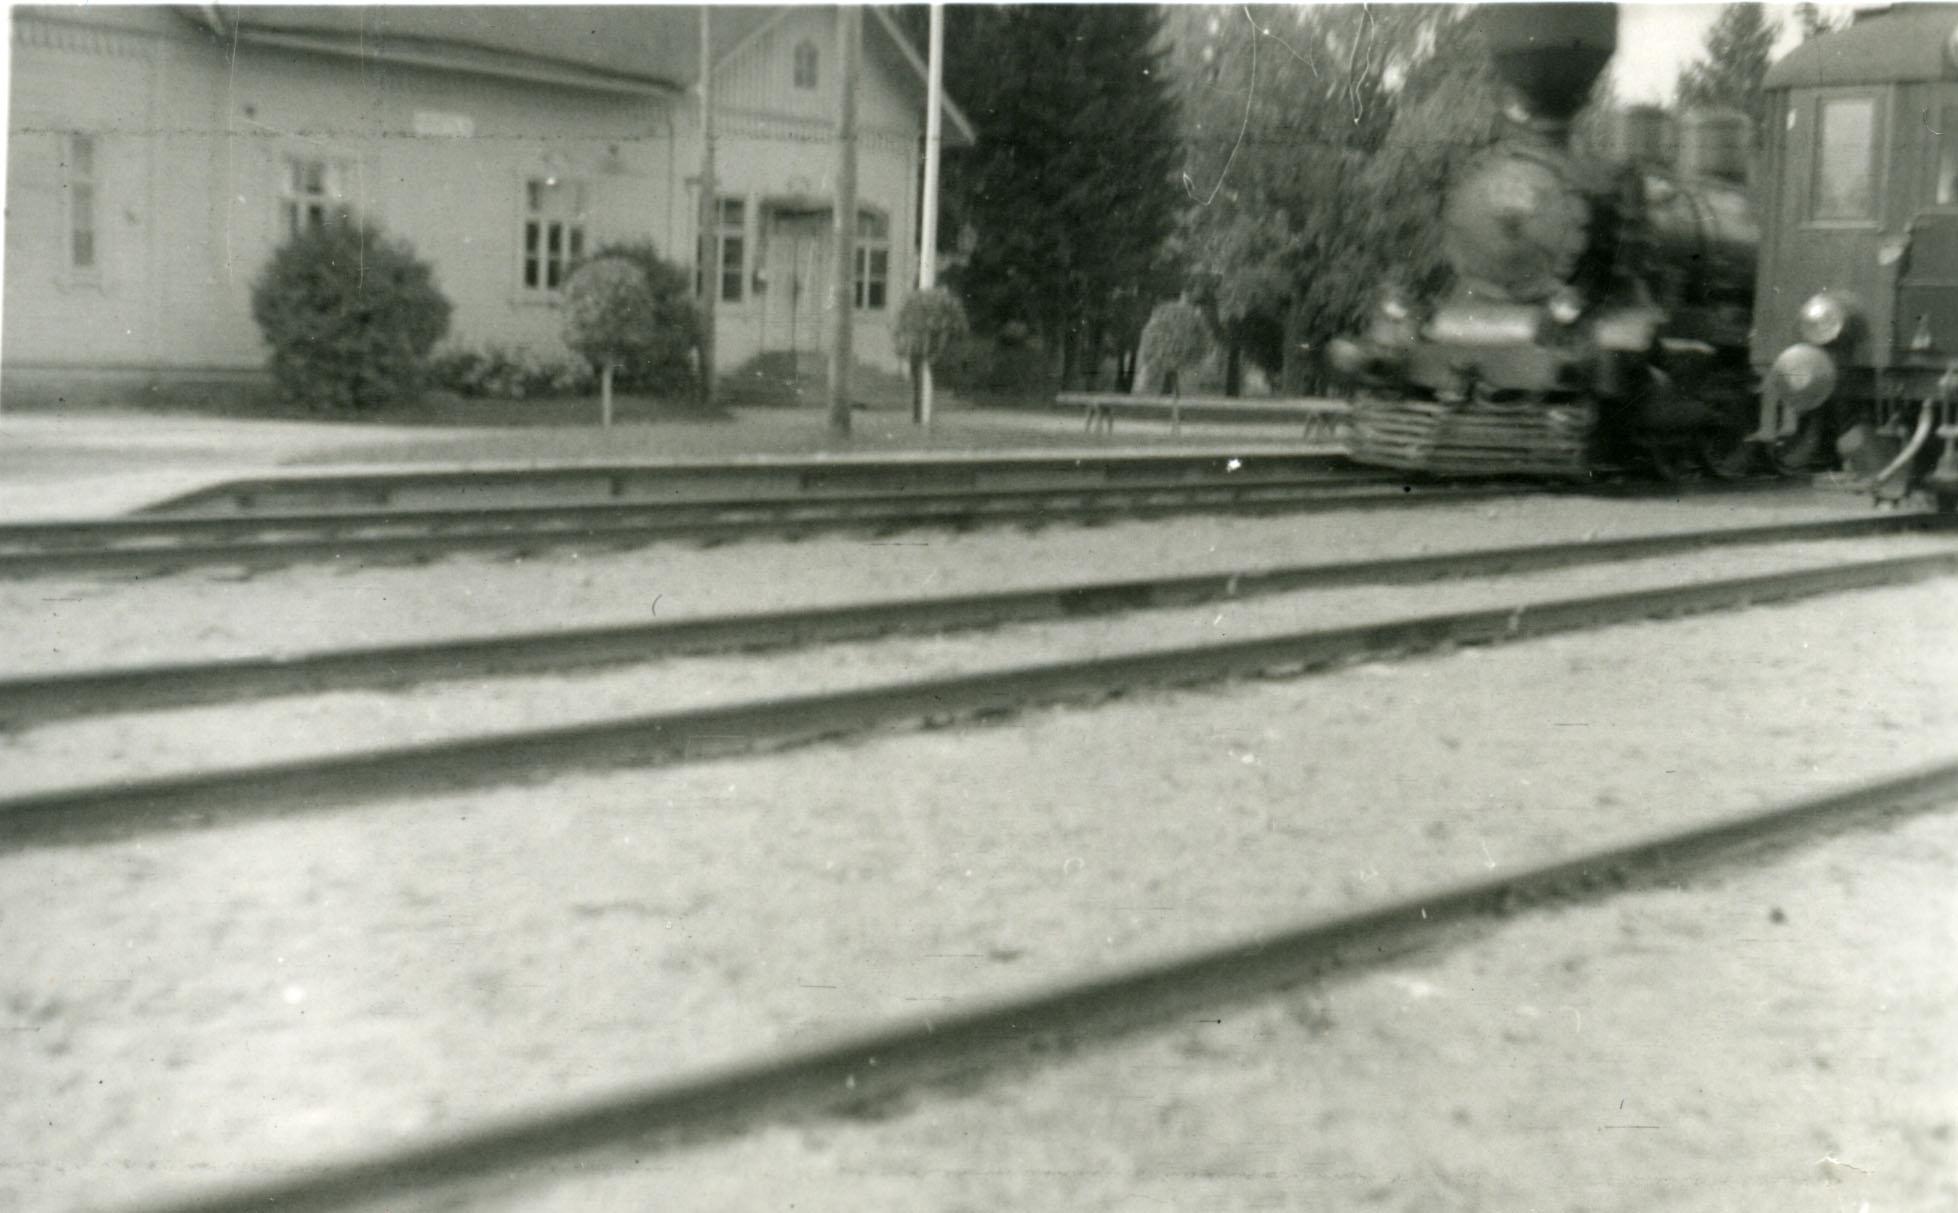 Epäterävä kuva asemasta. Kuvan oikeassa laidassa näkyy hieman höyryveturia ja moottorivaunun päätyä.